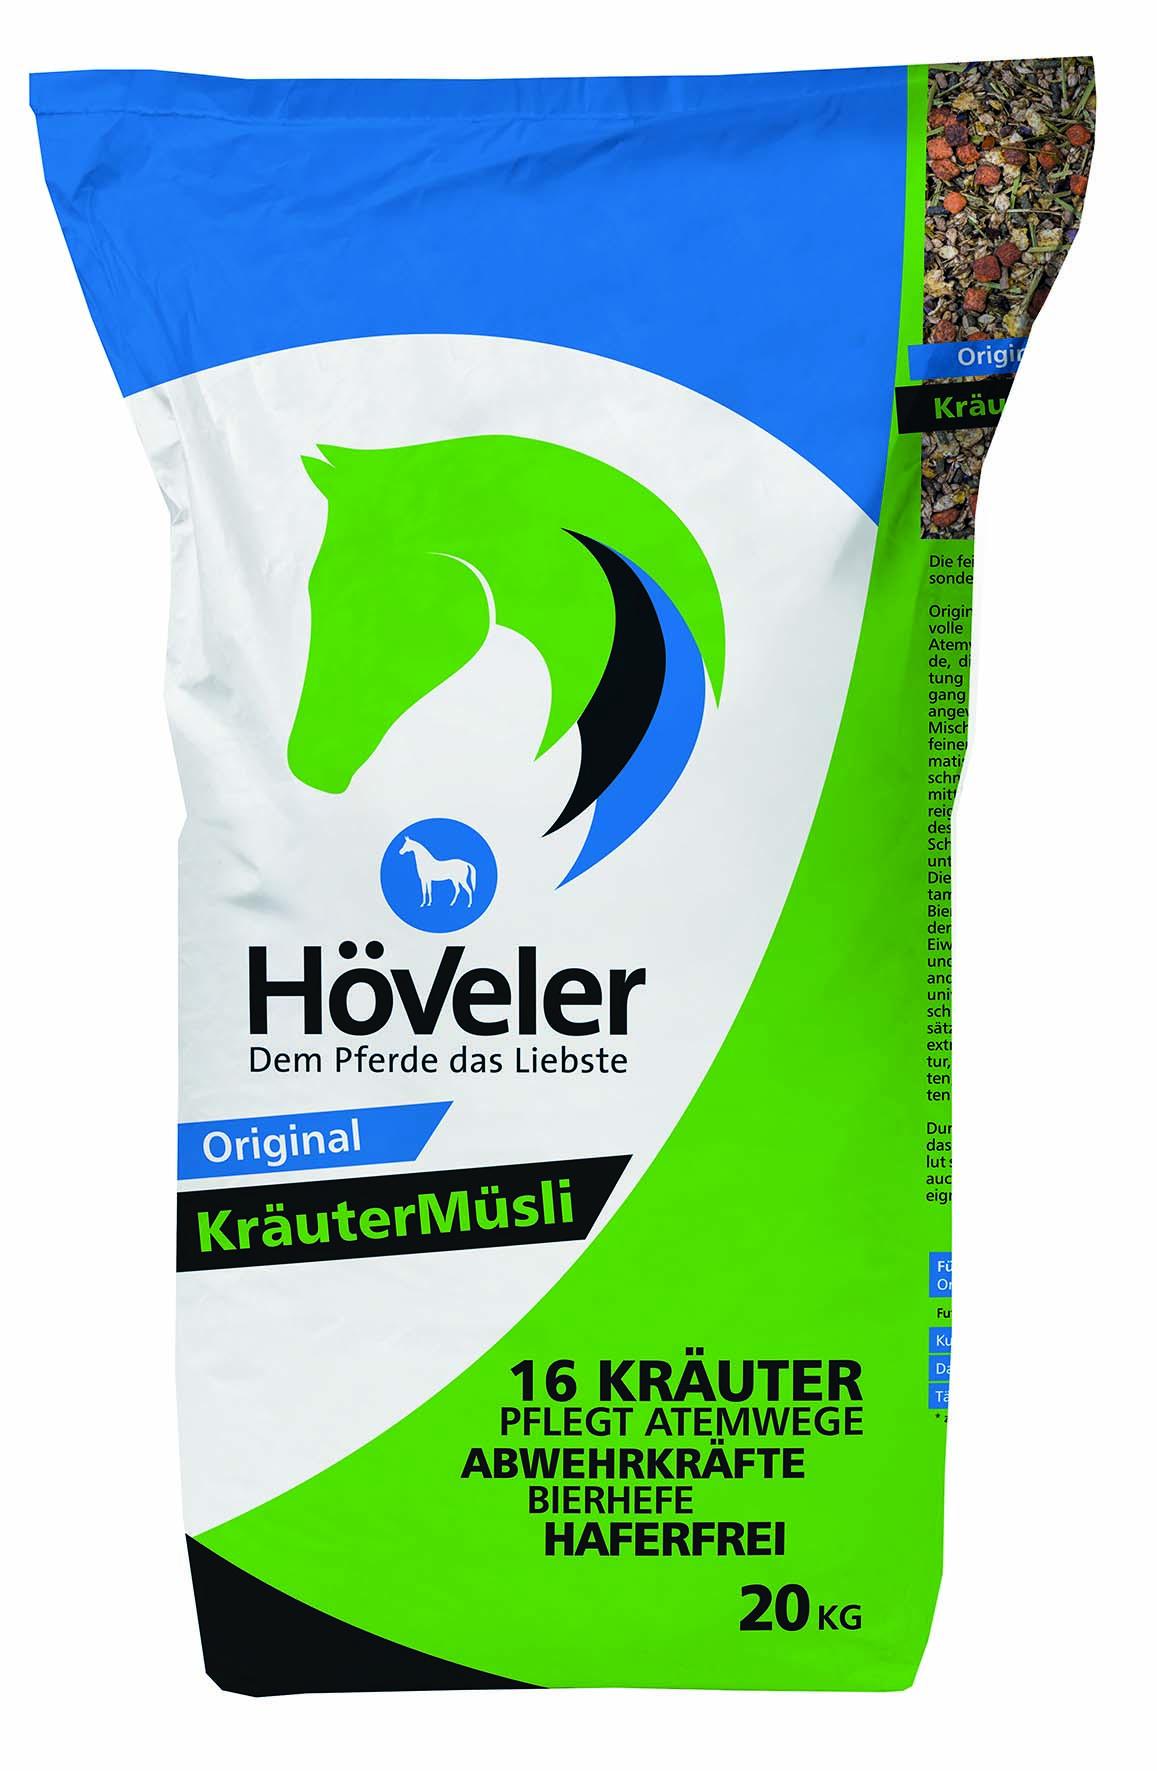 FMS Herbig | Höveler Original Kräutermüsli | online kaufen